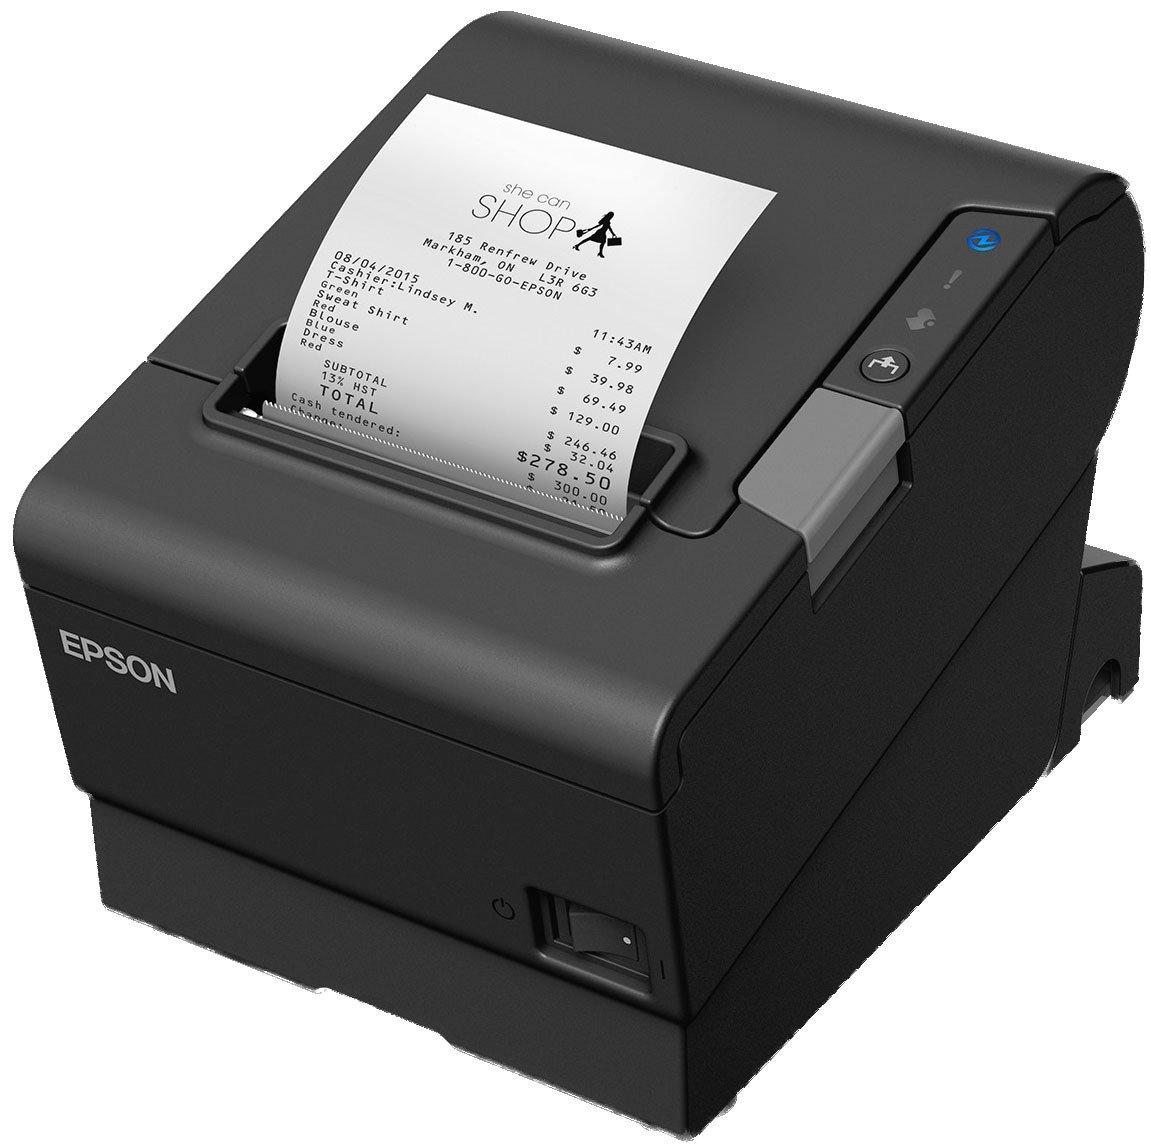 Epson TM-T88VI Bluetooth Printer; black (TM886BNG)